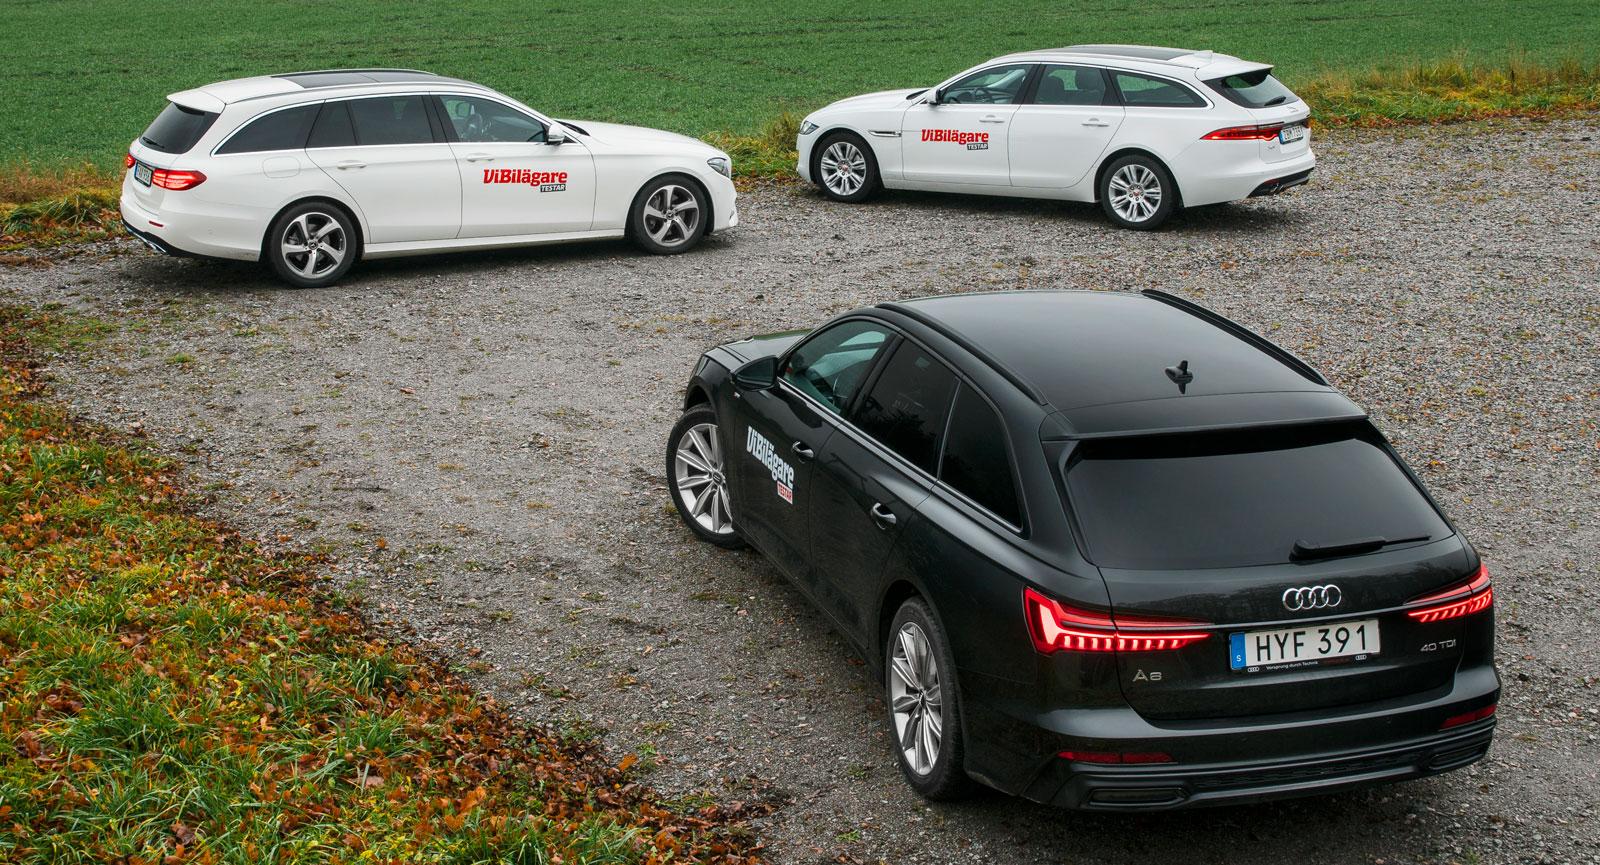 Statusmärket Jaguar visar sig vara rena lågprisbilen i detta flotta sällskap. Testets välutrustade Audi är klart dyrast att köpa.